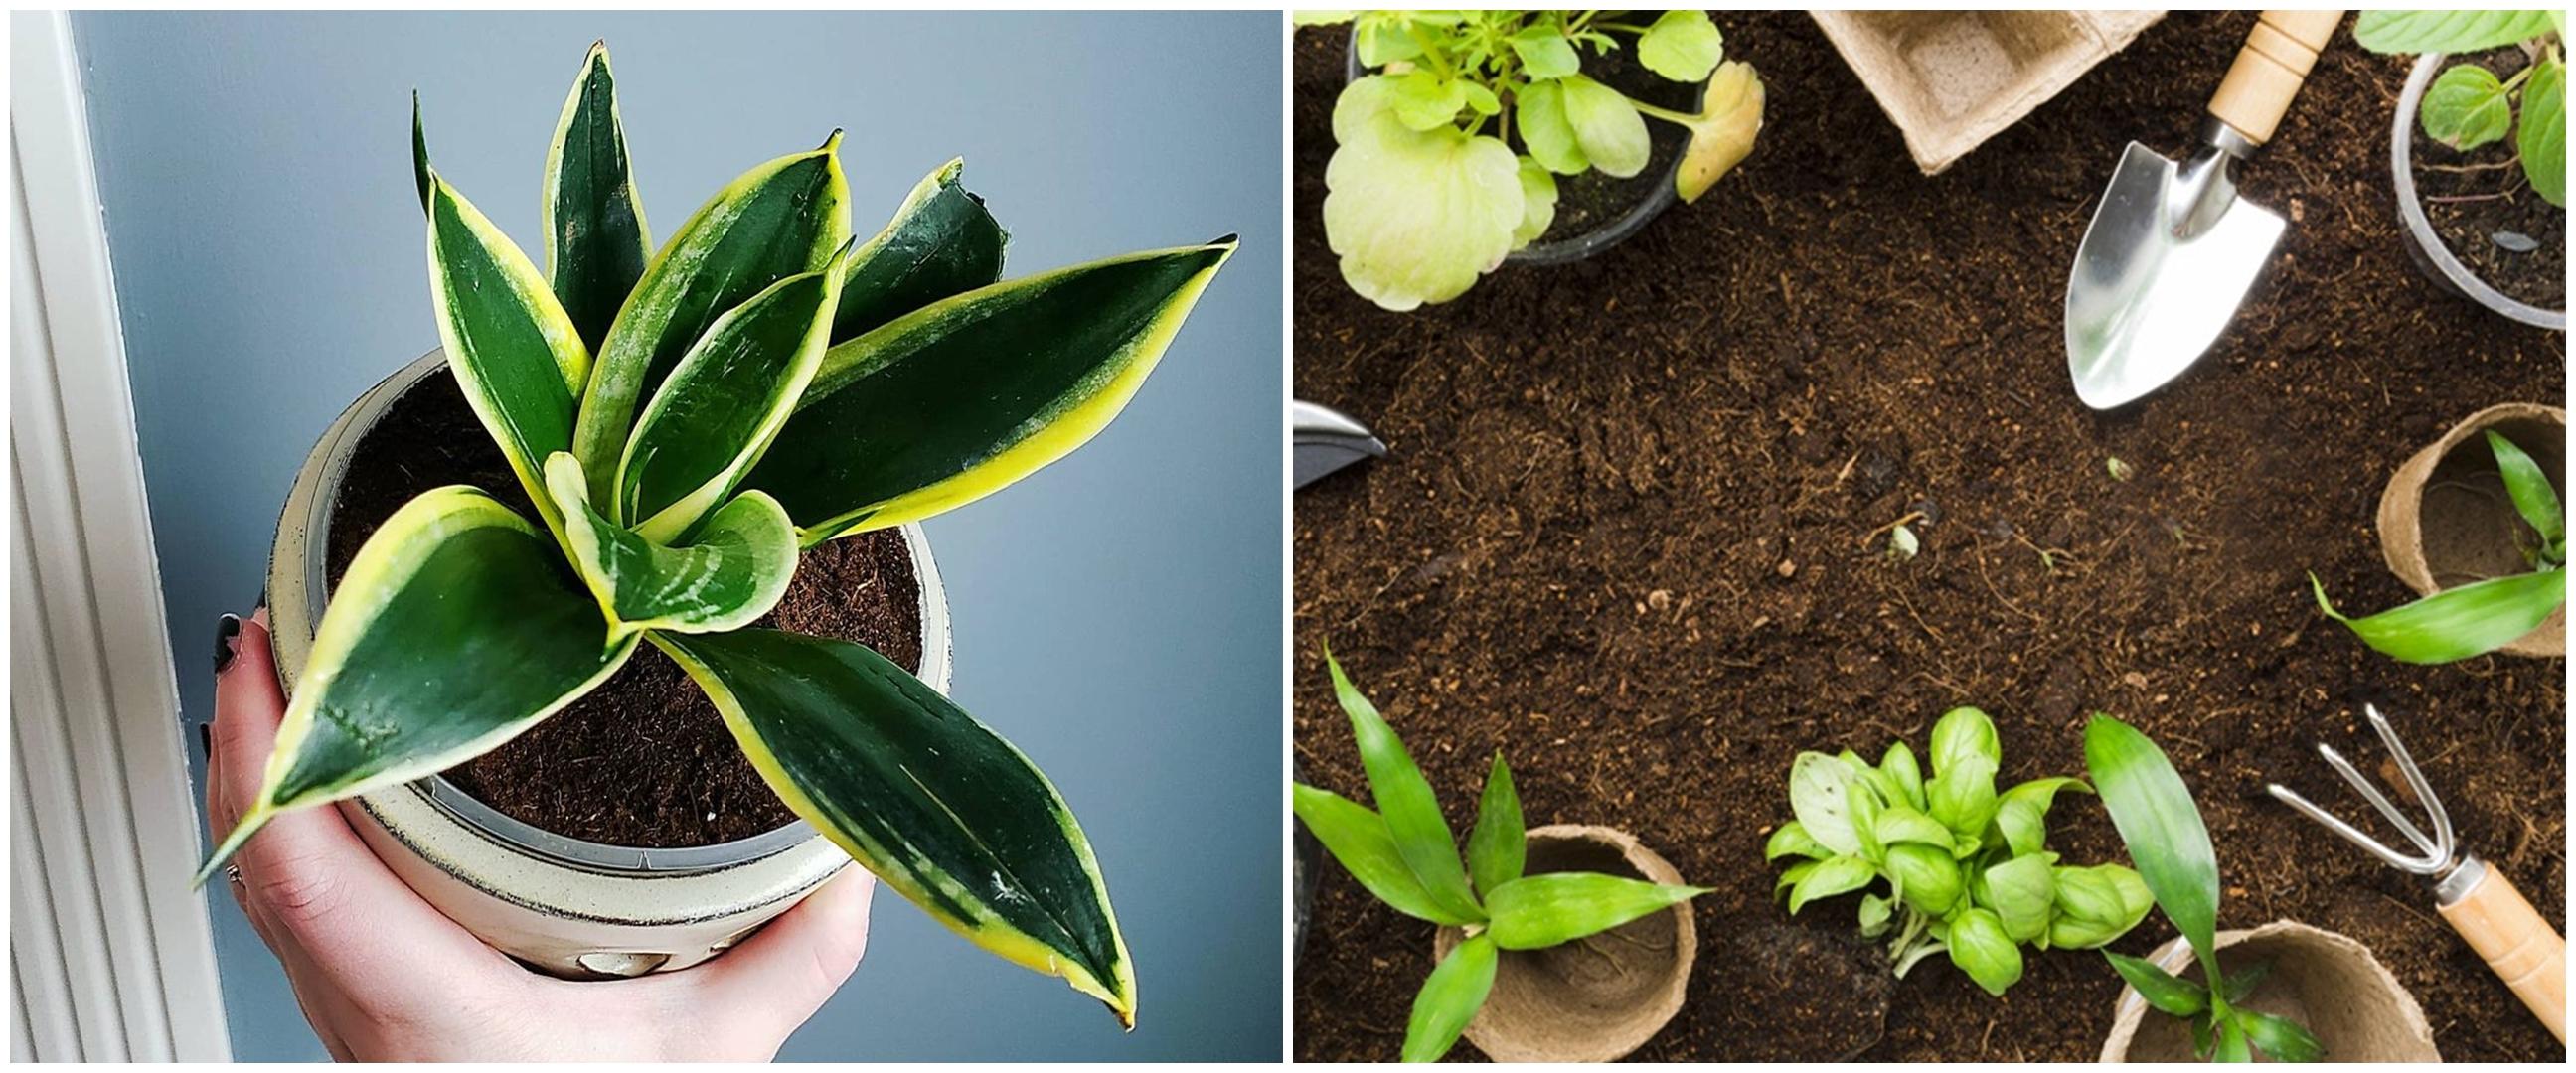 Cara repotting lidah mertua, bikin tanaman tumbuh subur dan sehat